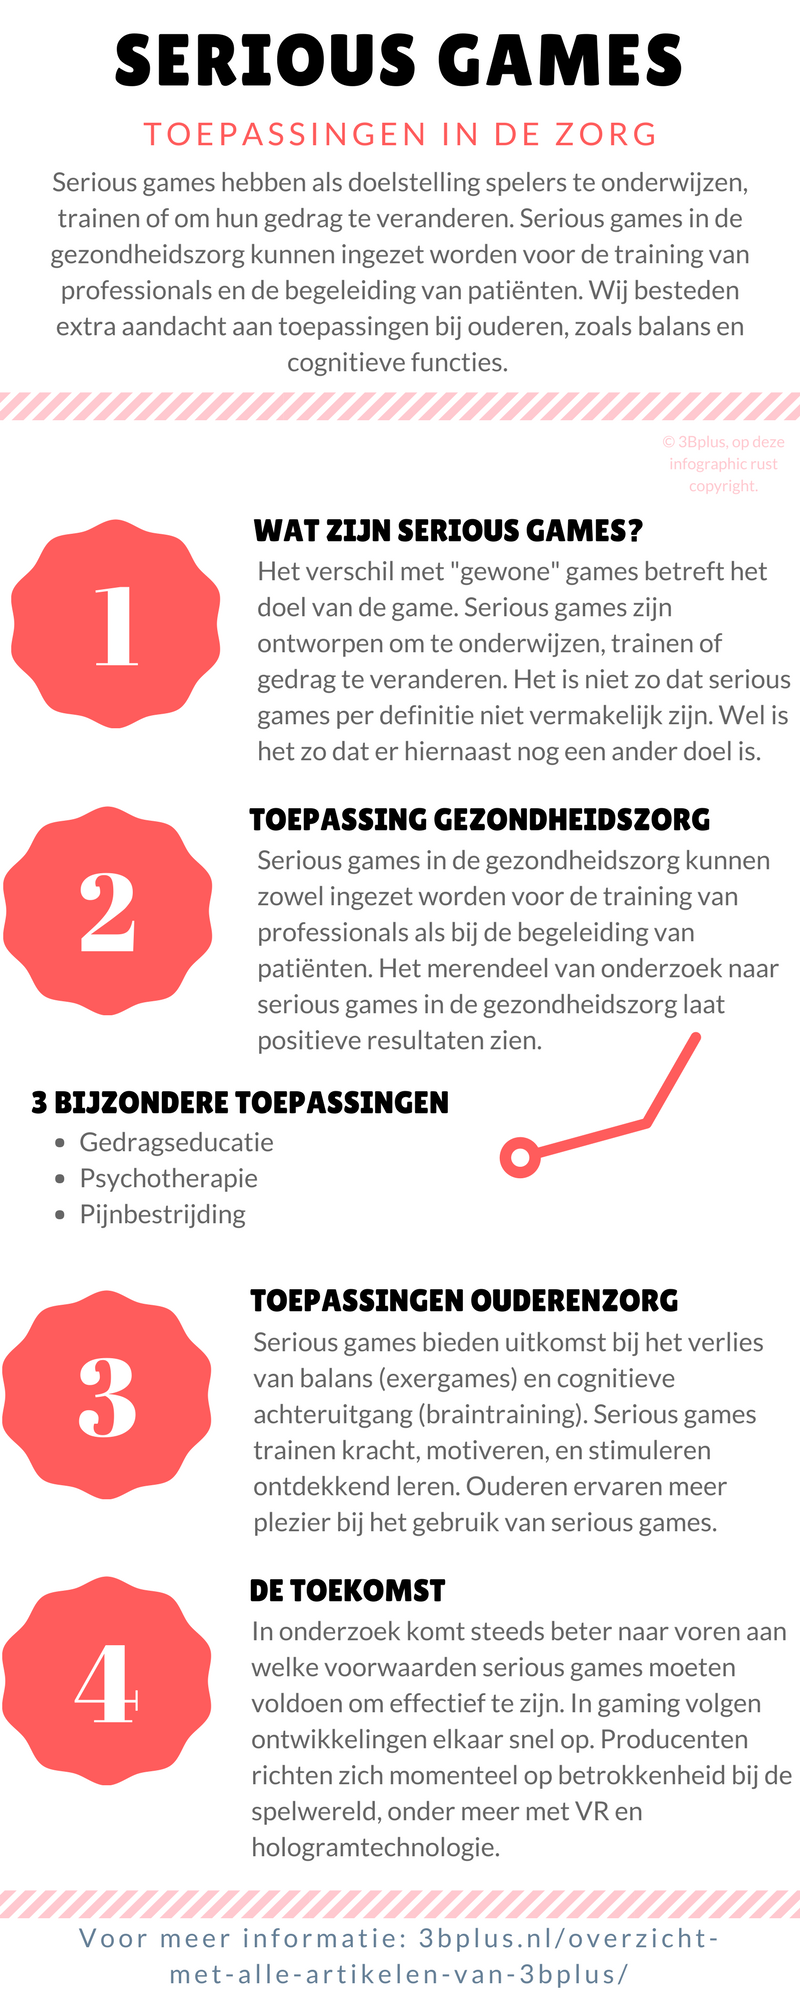 Infographic: serious games-toepassingen in de zorg